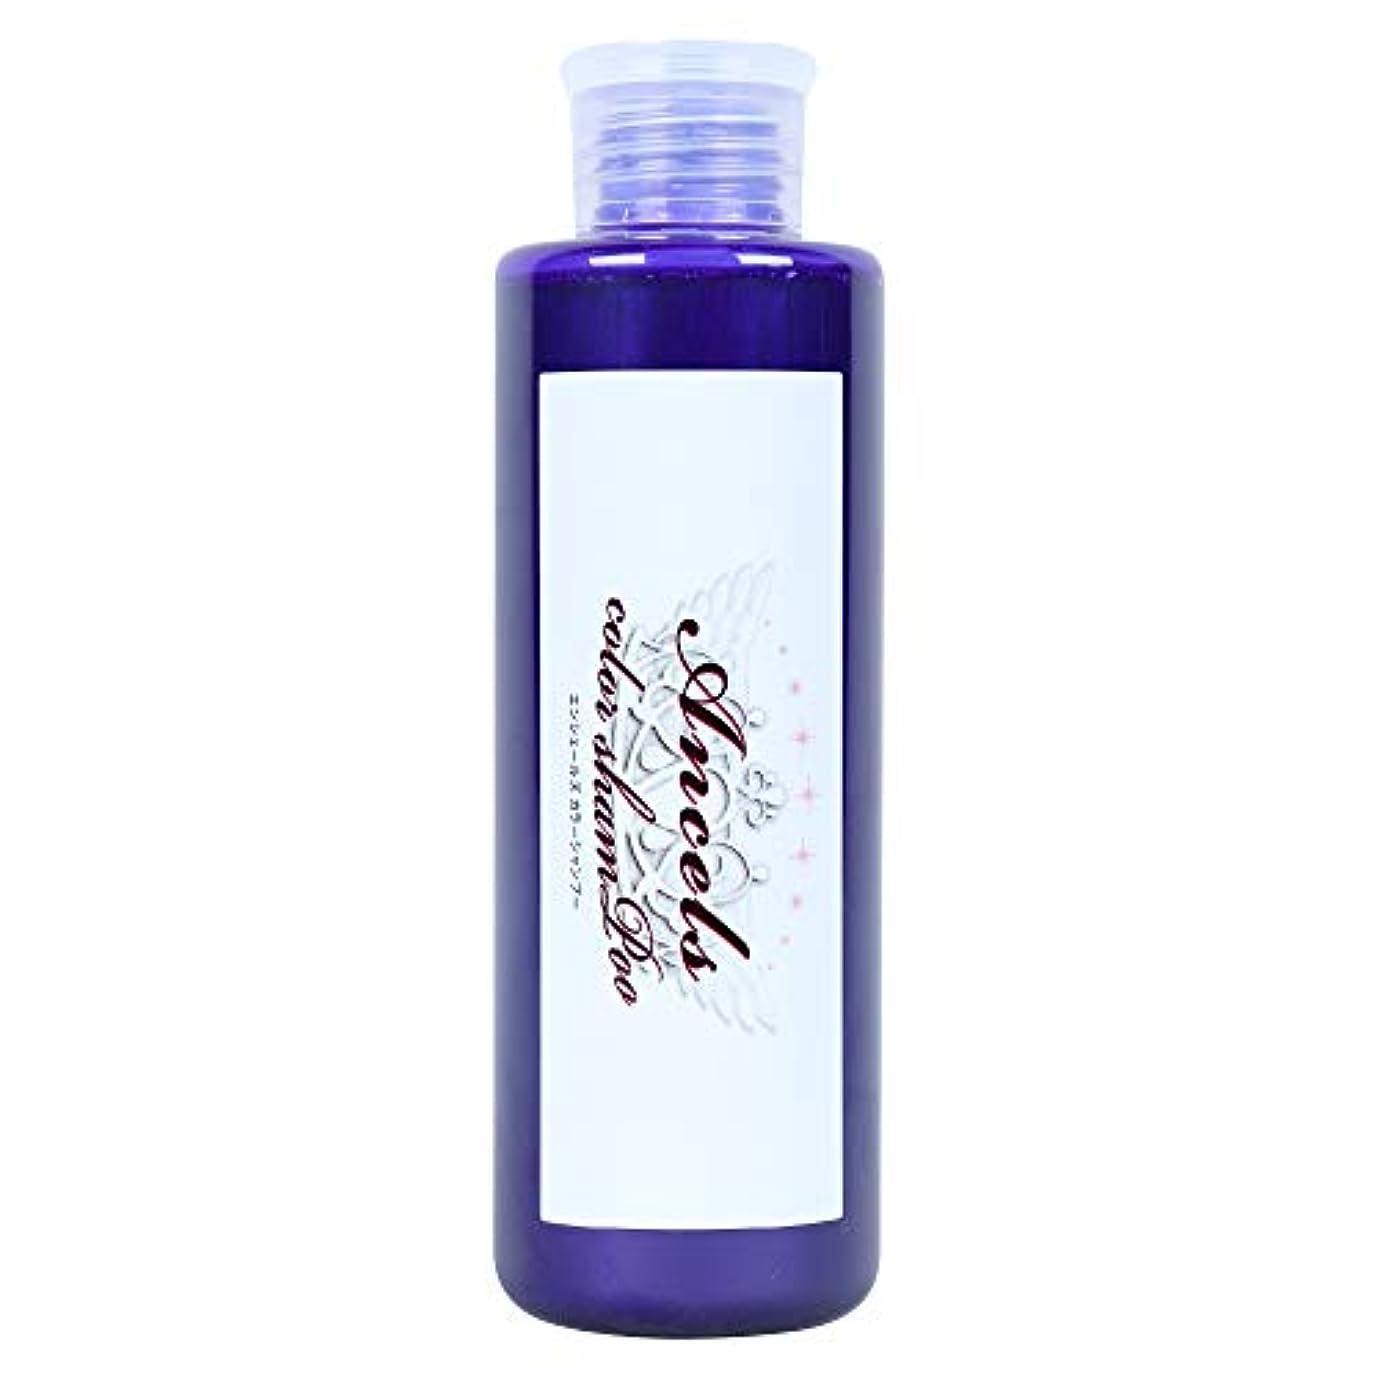 料理をするどちらかブローAncels color shampoo エンシェールズ カラーシャンプー ムラシャン 200ml